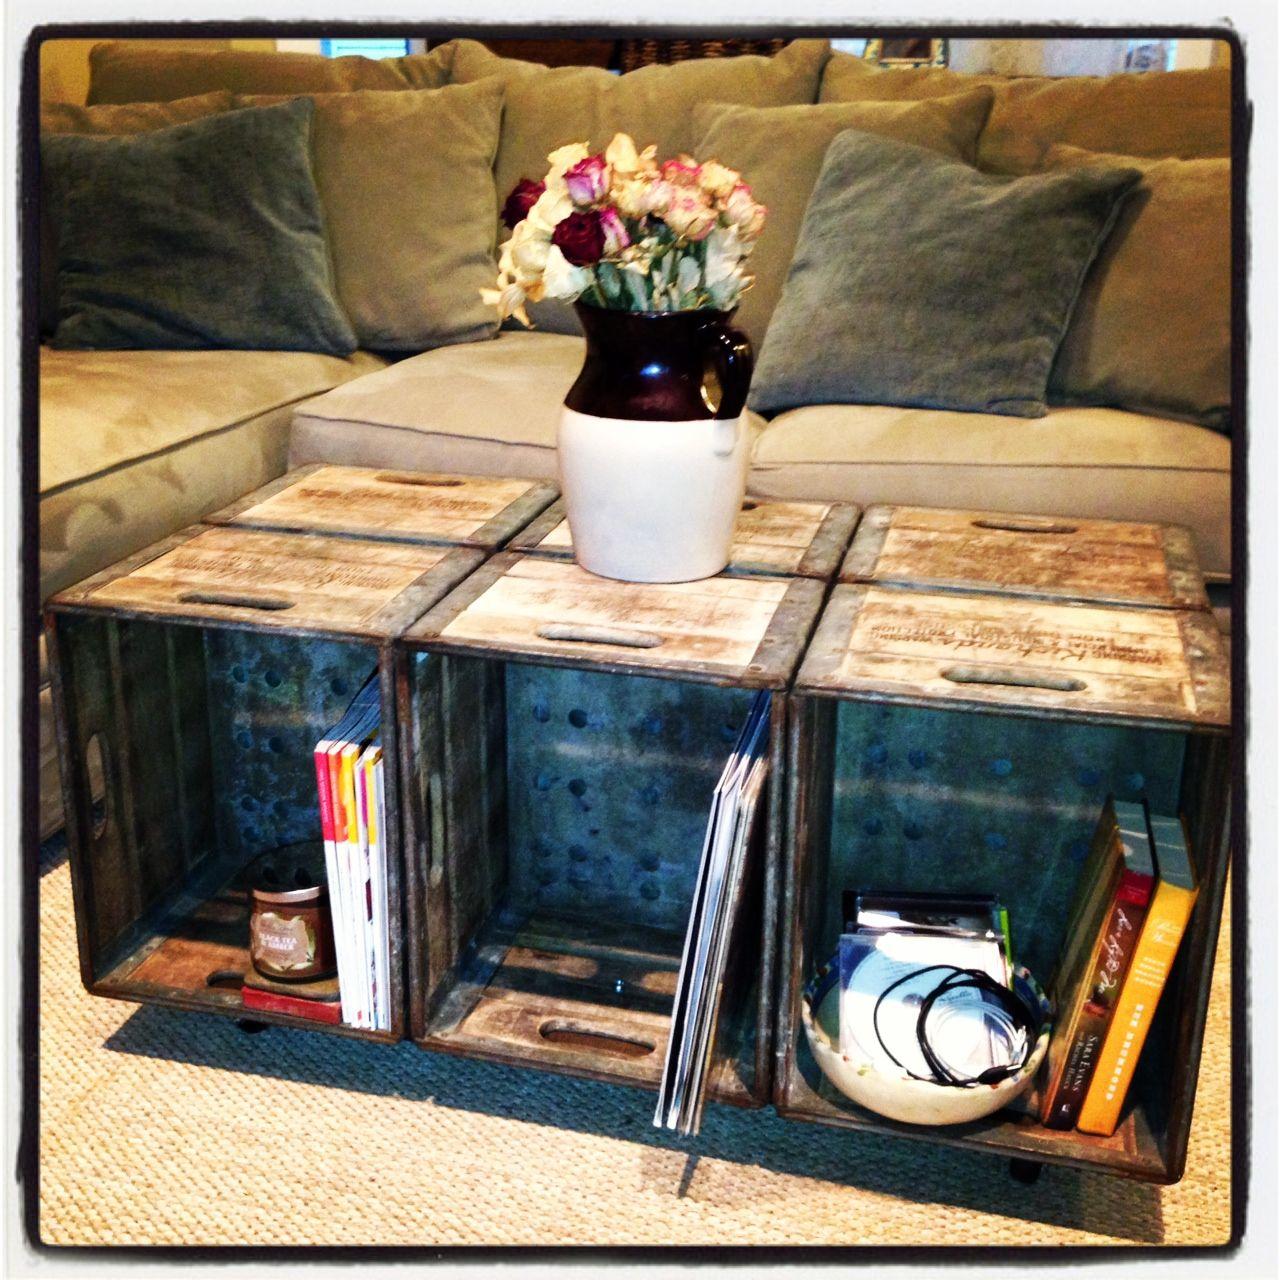 Des caisses de bois dans la dco Crates Storage and Coffee